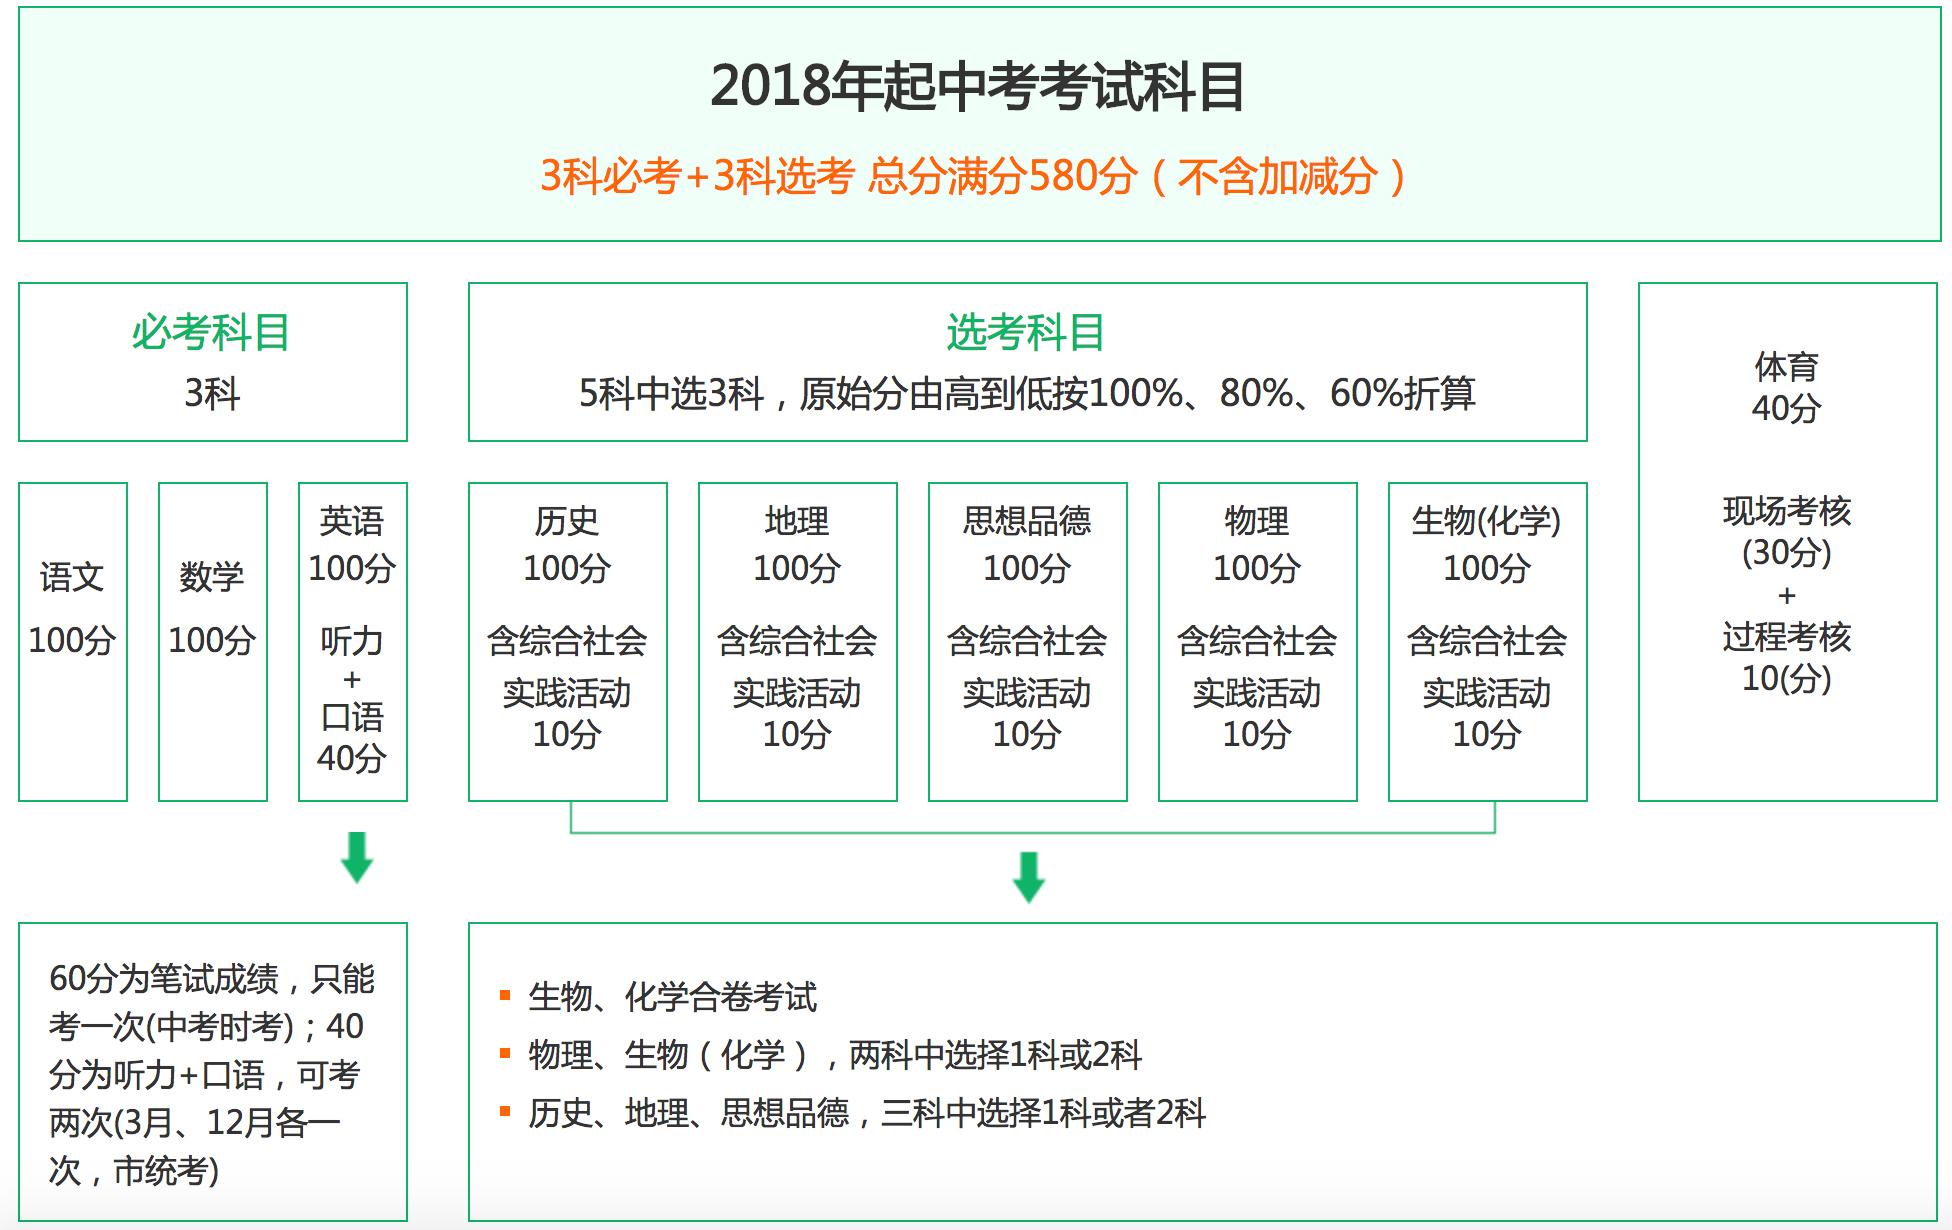 2018北京中考时间、科目已公布,折分标准您了